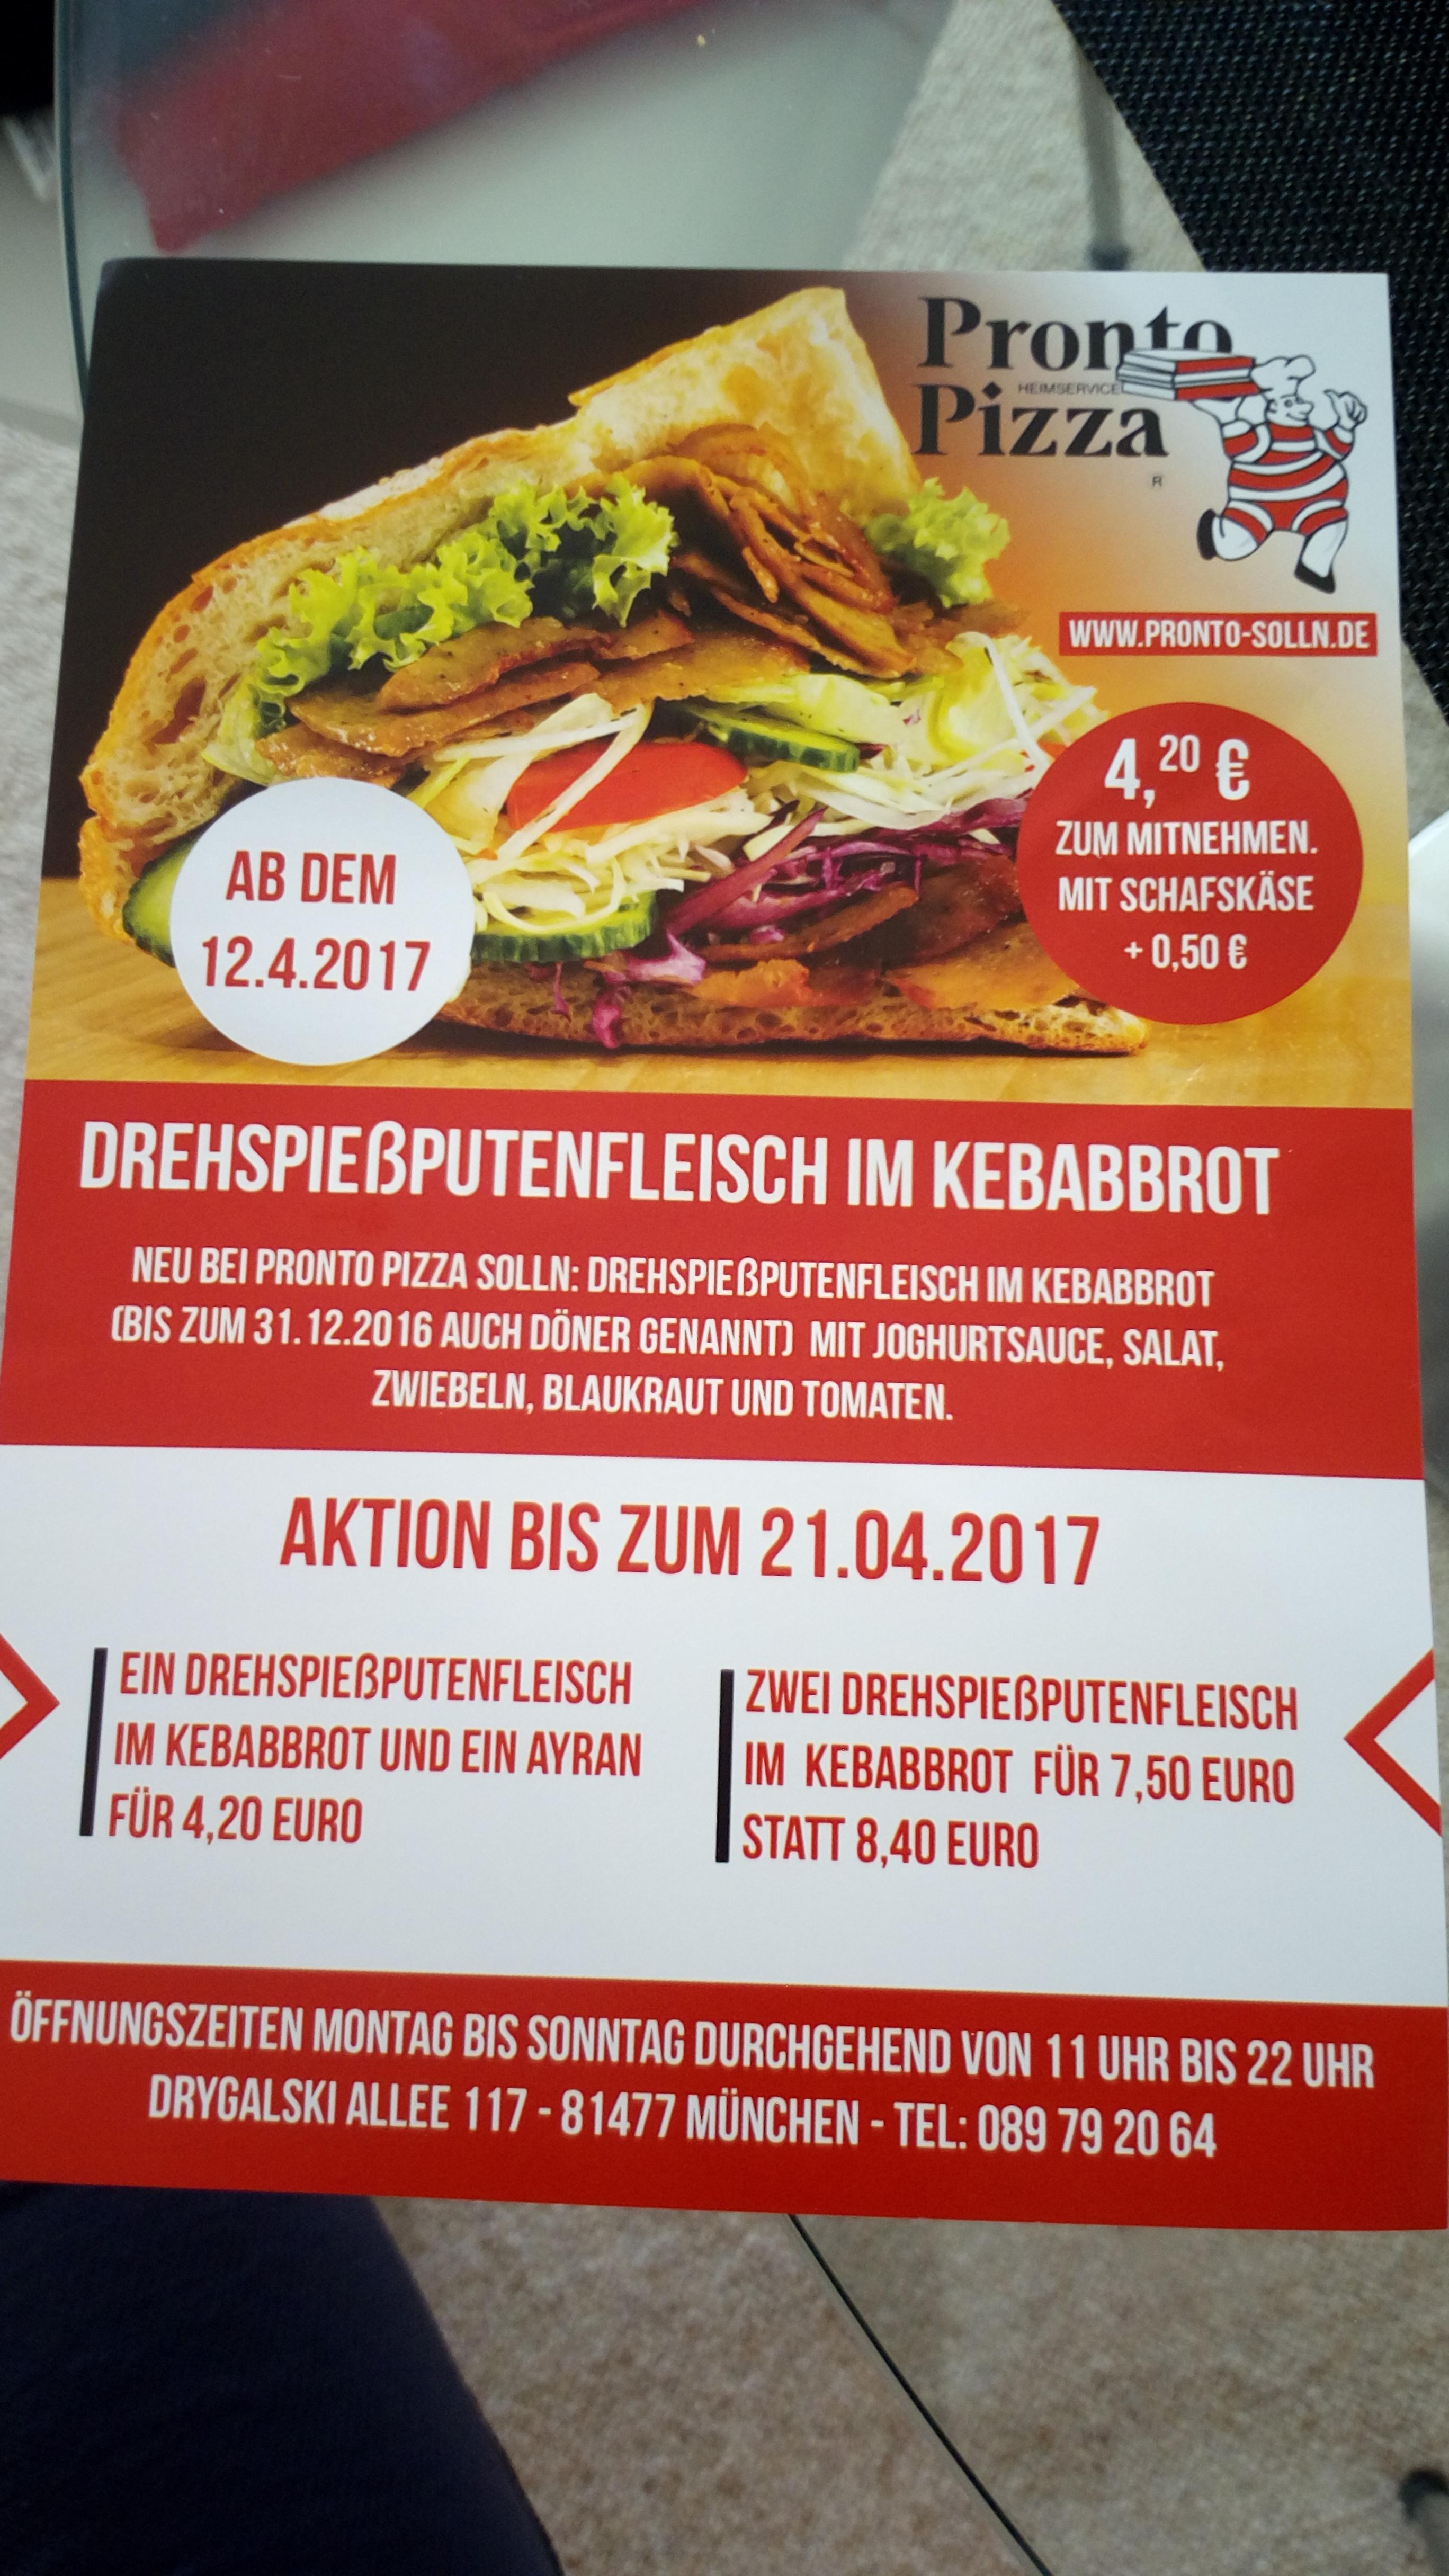 Lokal München: 12.-21.04: Döner + Ayran 4,20 Euro, 2x Döner 7,50 Euro